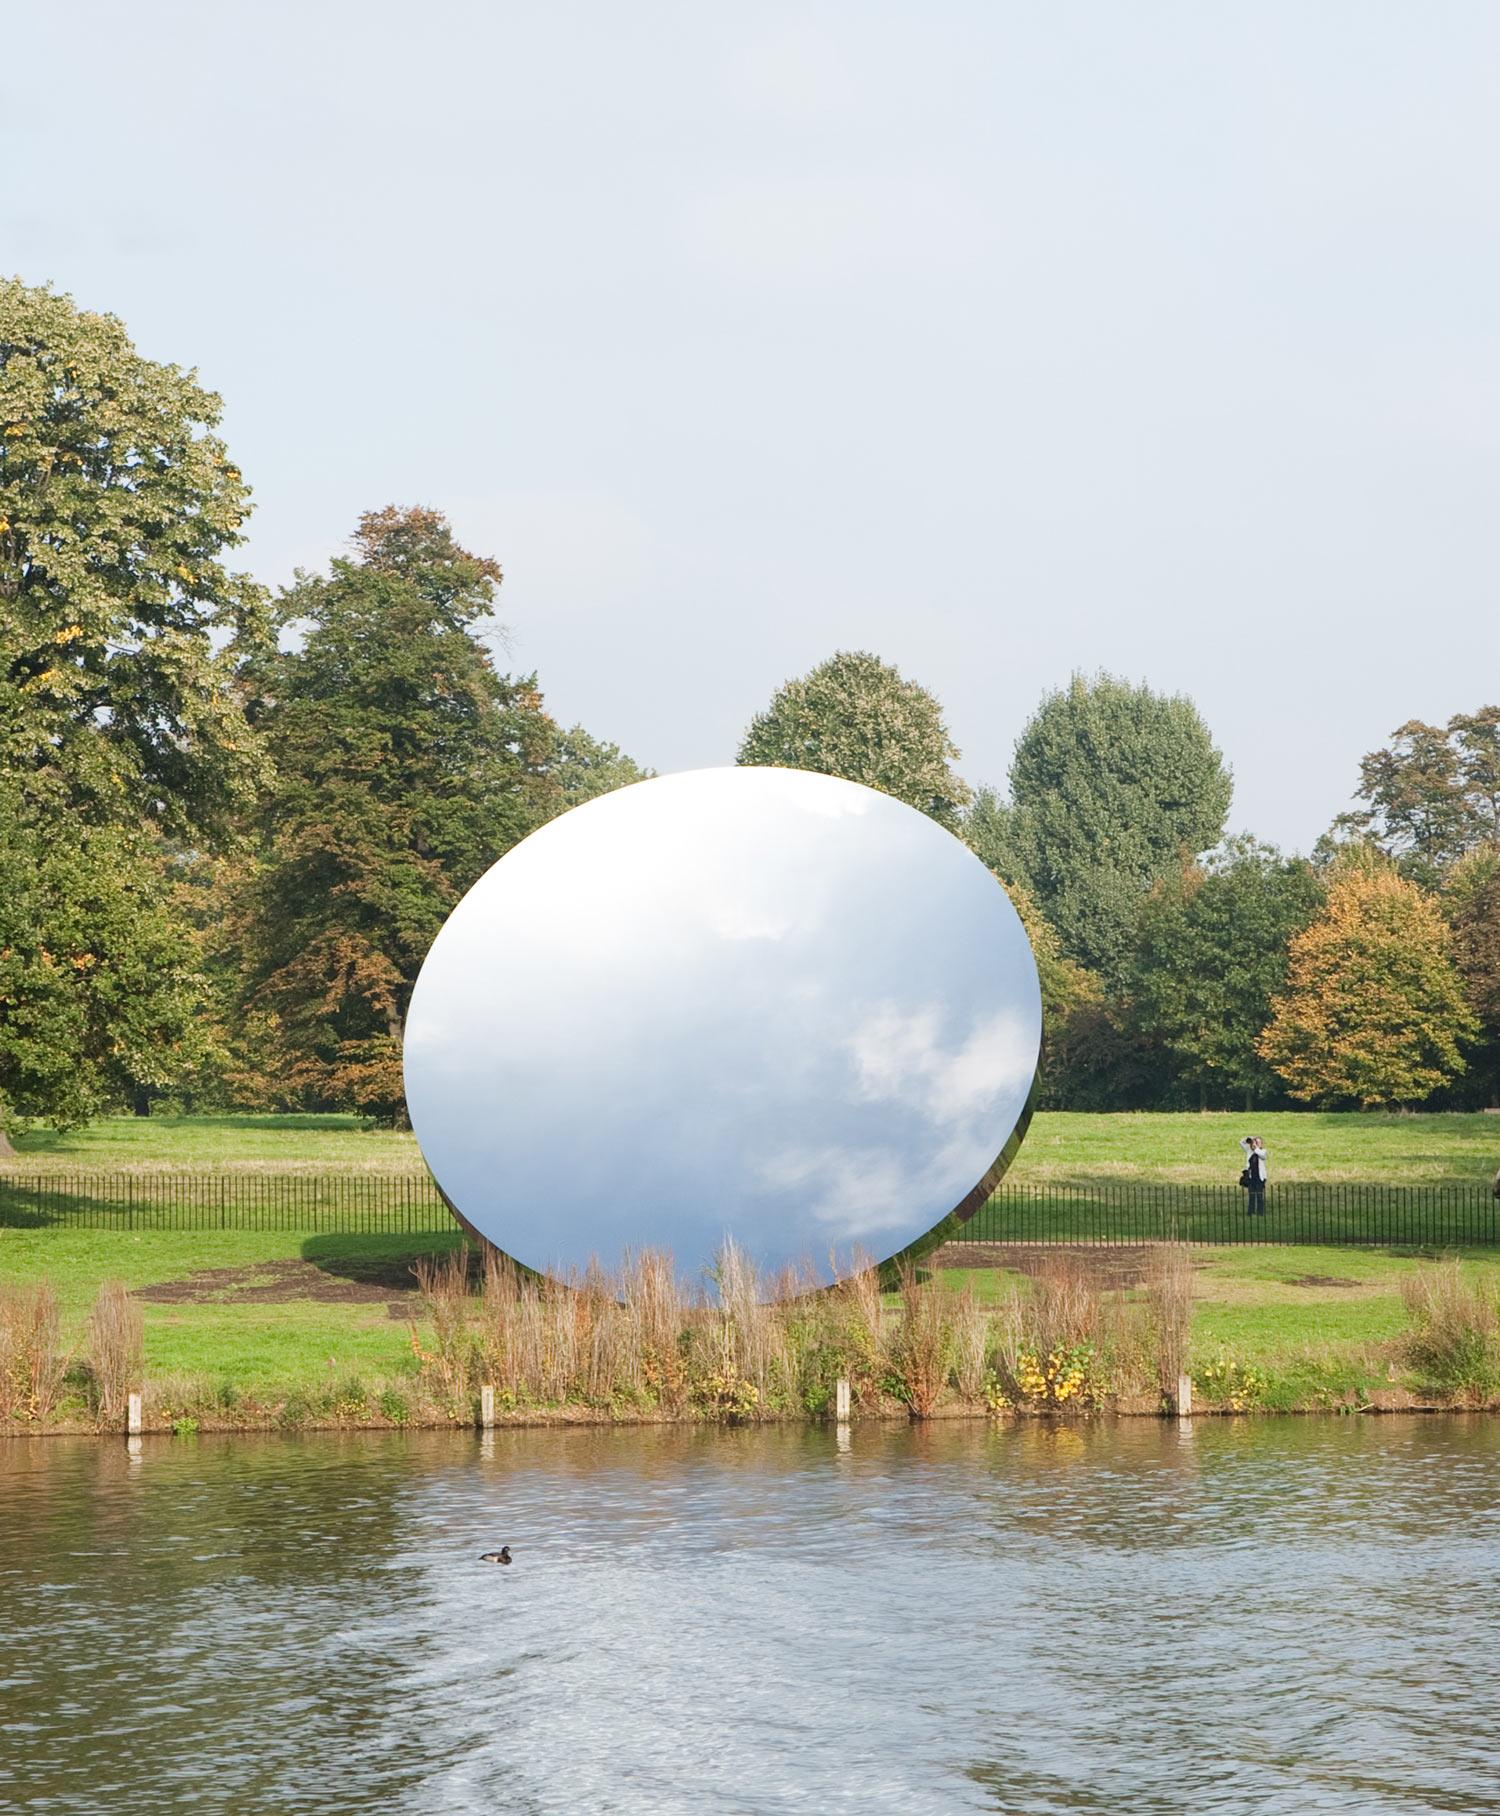 Anish Kapoor, Sky Mirror, 2006. Rustfritt stål. Diameter 3,4 m. Kensington Gardens, 2010-11. Foto: Dave Morgan. Tilhører kunstneren og Gladstone Gallery. © Anish Kapoor, 2018